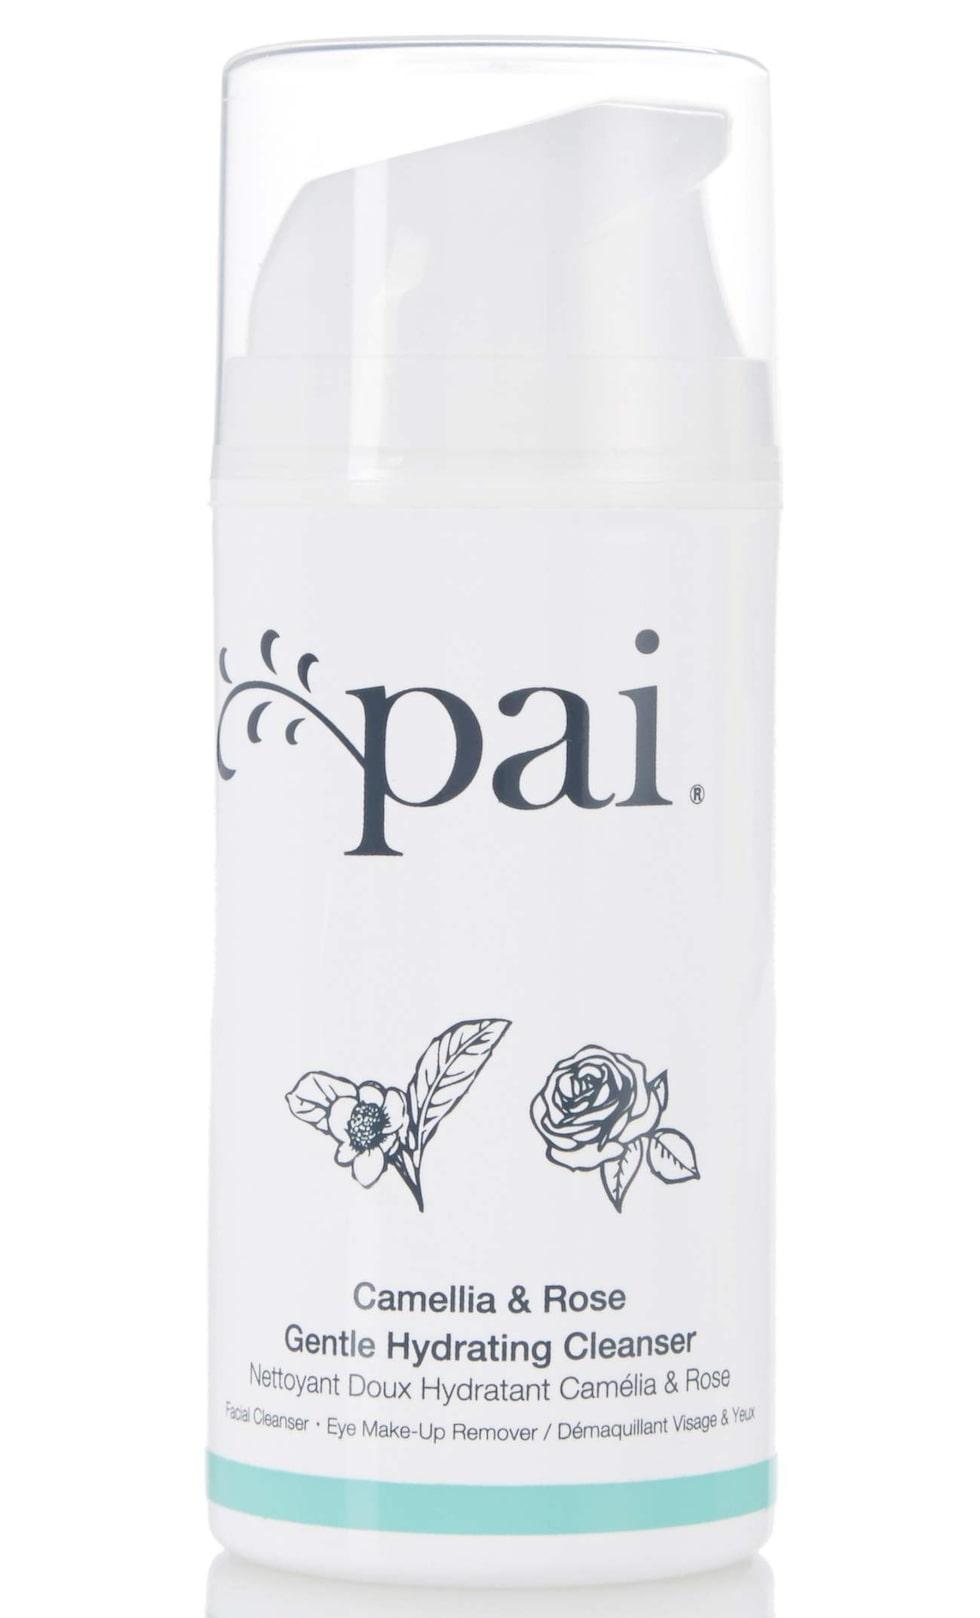 Rengöringskräm från Pai, 365 kronor. Tar bort orenheter utan att ta bort hudens naturliga fukt, rengöring fri från alkohol och bivax.